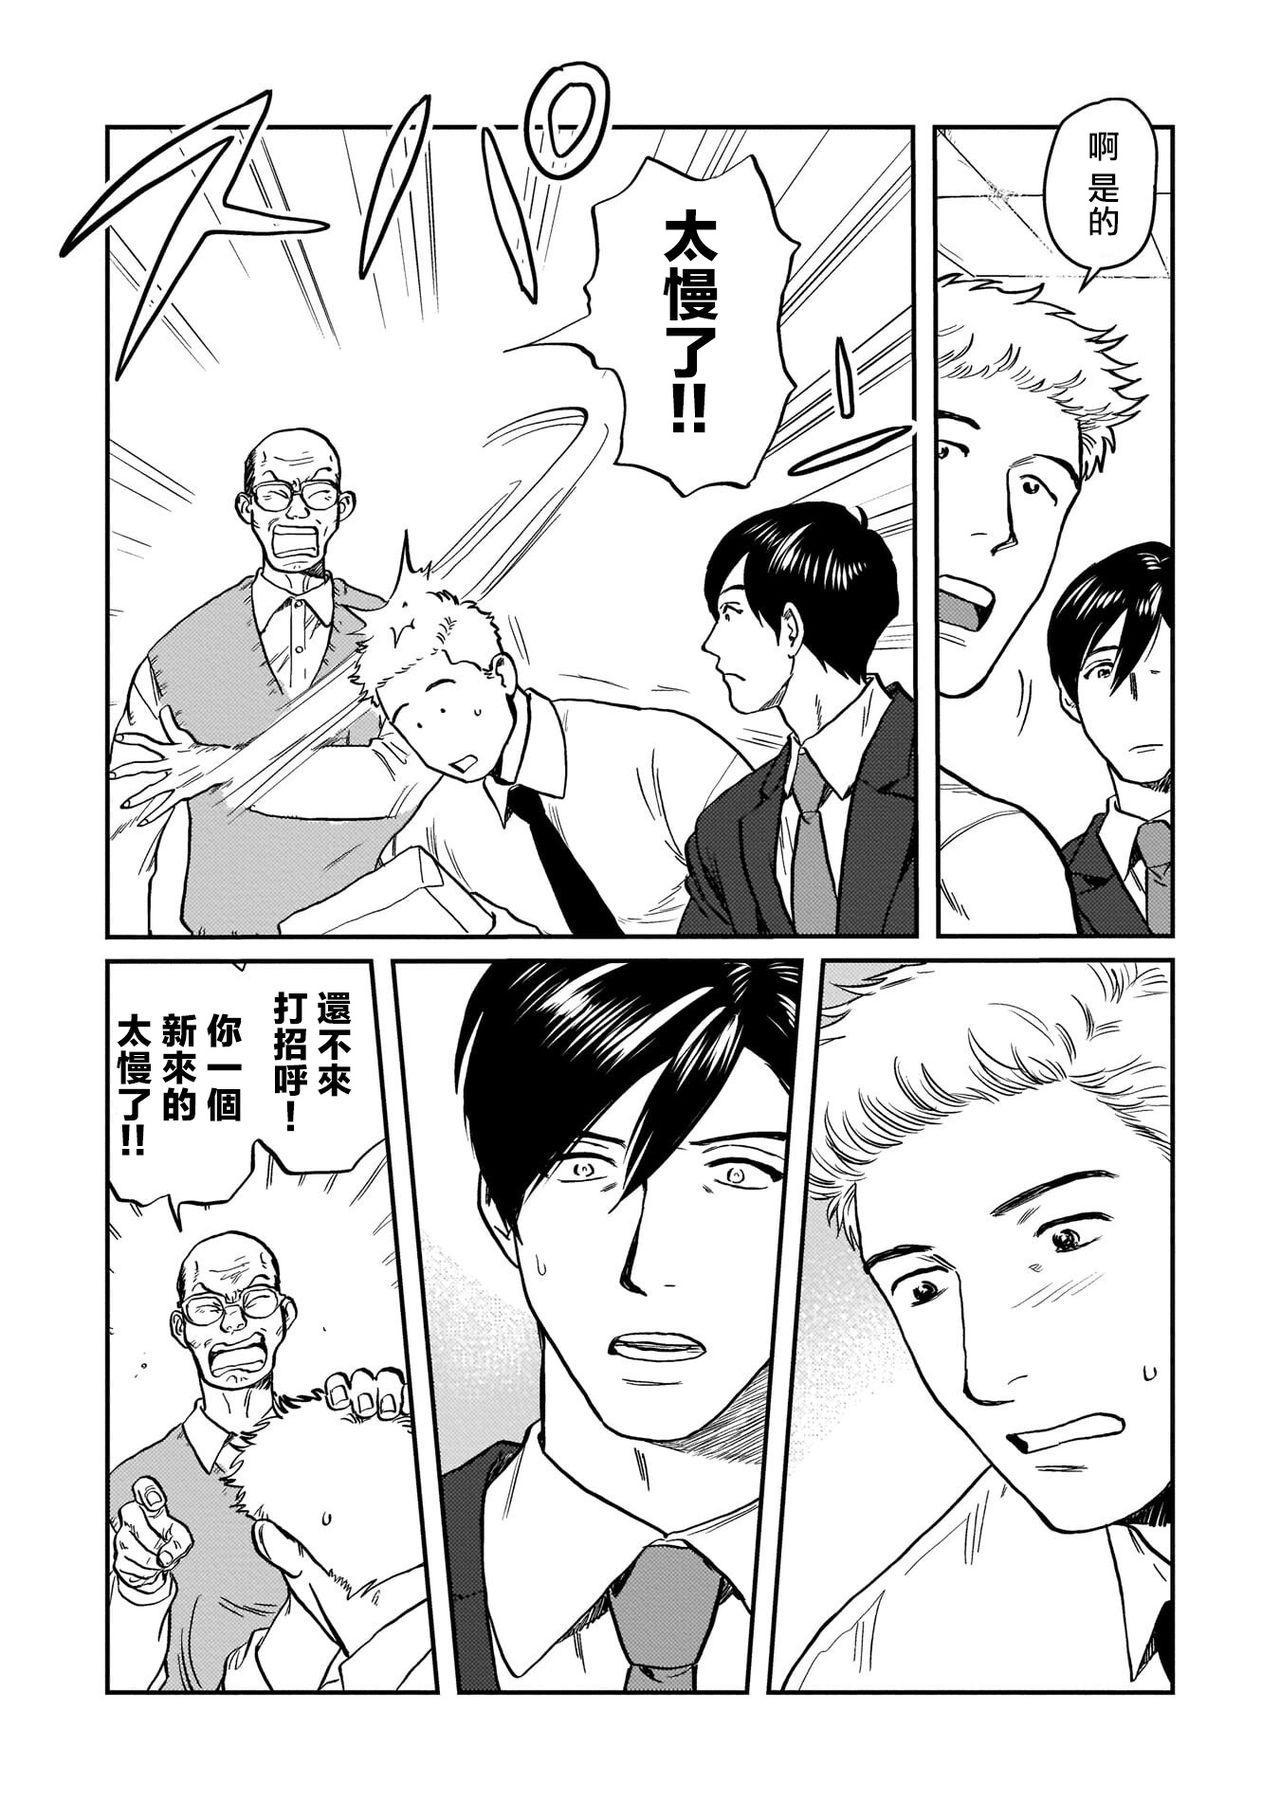 Kouhai no Oppai ga Suki Sugiru | 我太喜欢后辈的奶子了 Ch. 1-2 33